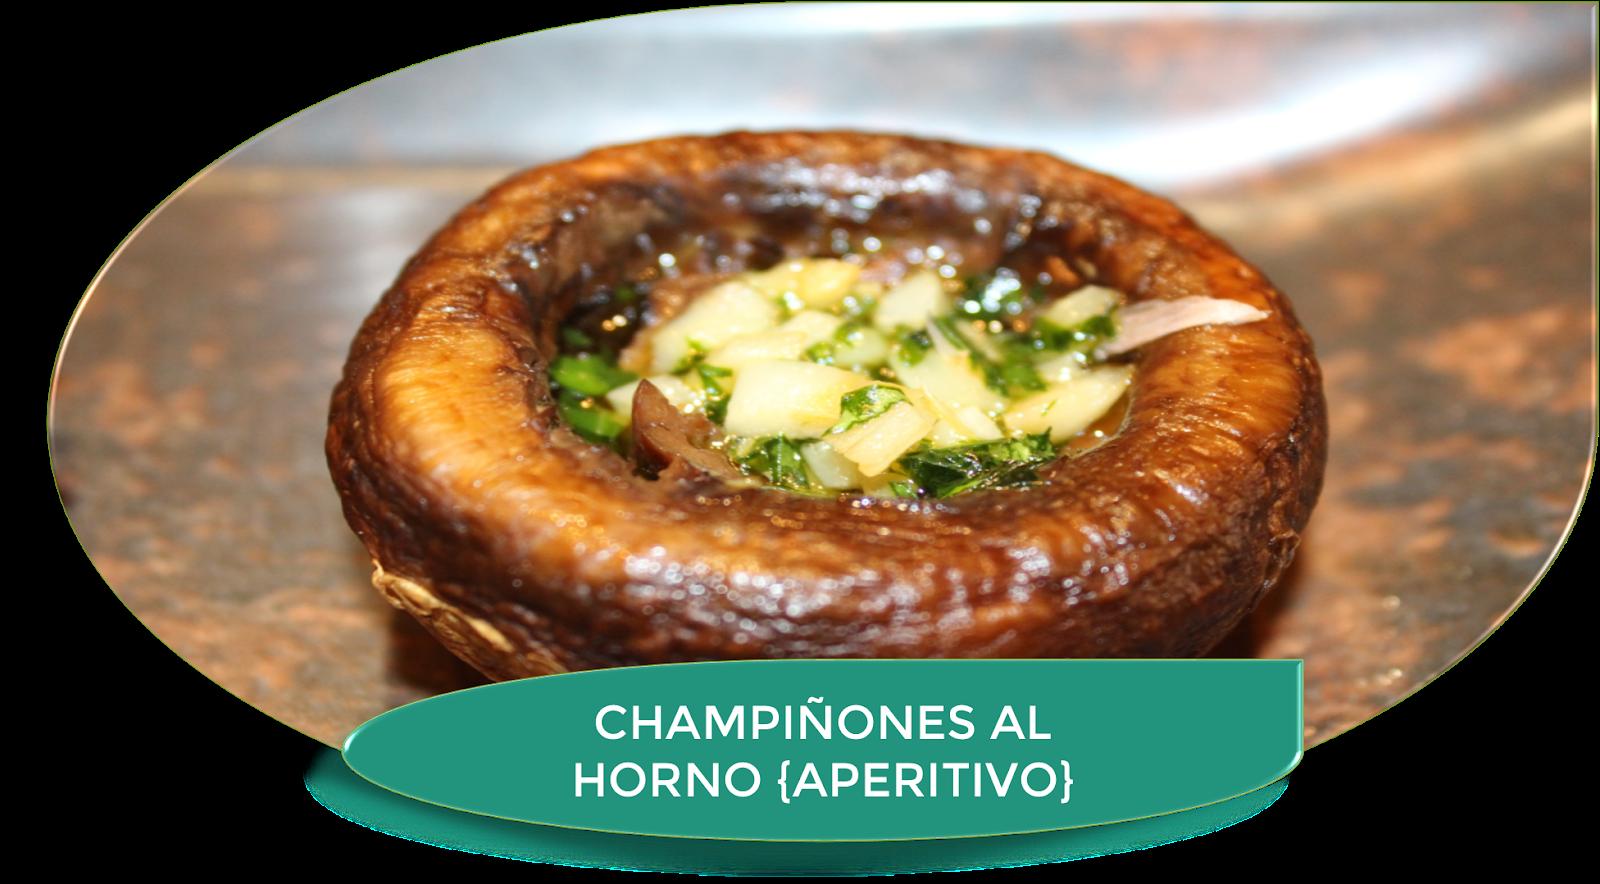 CHAMPIÑONES AL HORNO {APERITIVO FÁCIL Y RICO}